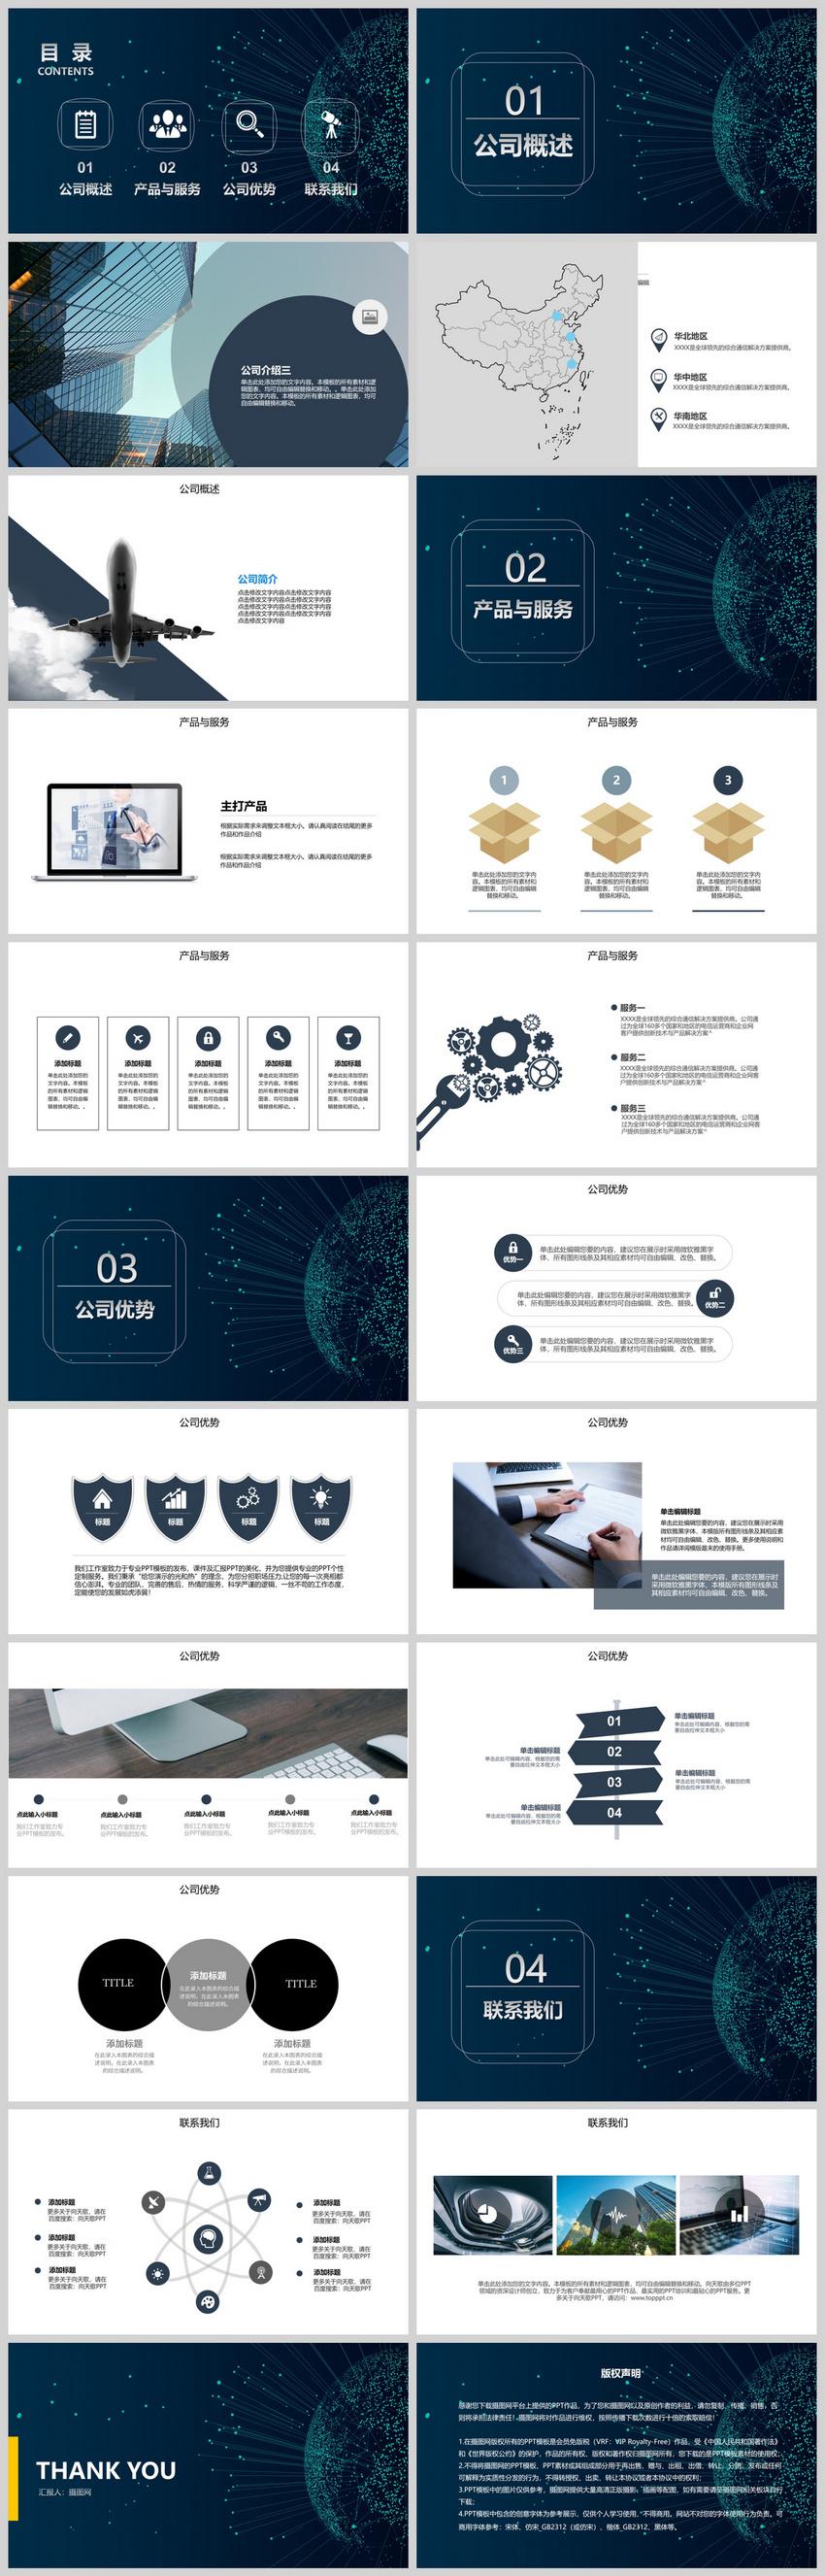 大数据科技企业介绍宣传PPT模板图片